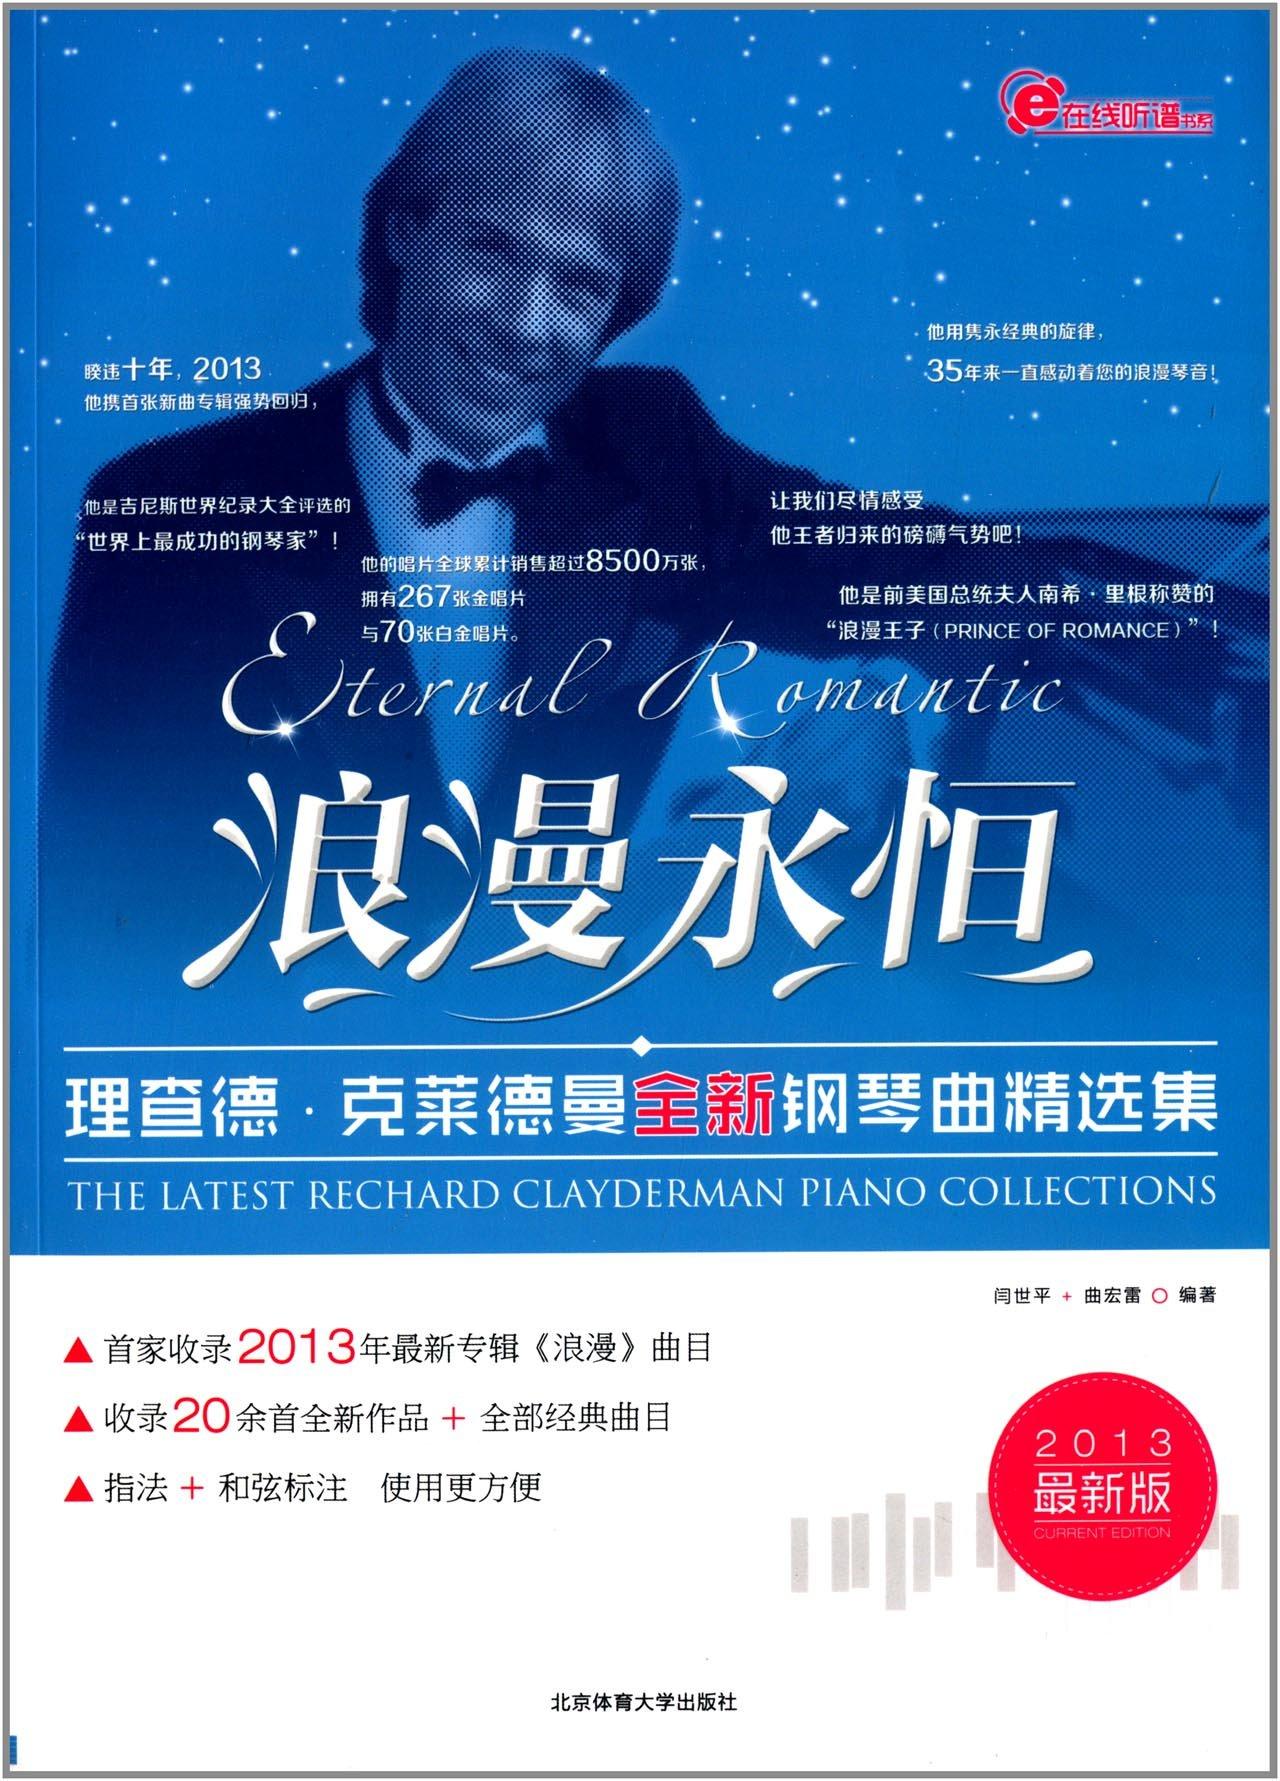 钢琴曲《爱的纪念》又称《童年的回忆》钢琴曲音频mp3已发至附件,请用